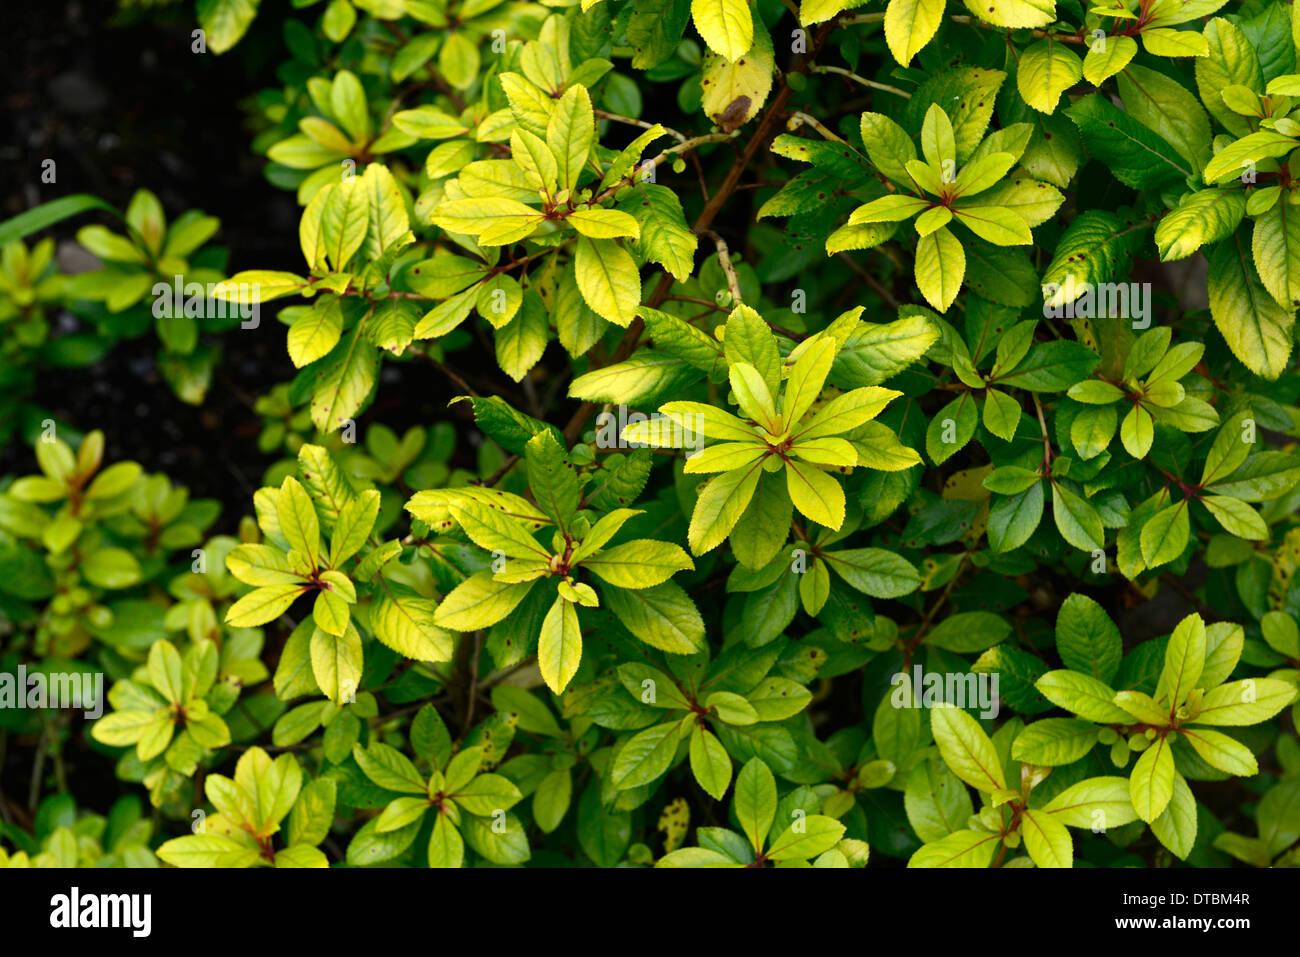 Escallonia Laevis Stockfotos & Escallonia Laevis Bilder Alamy